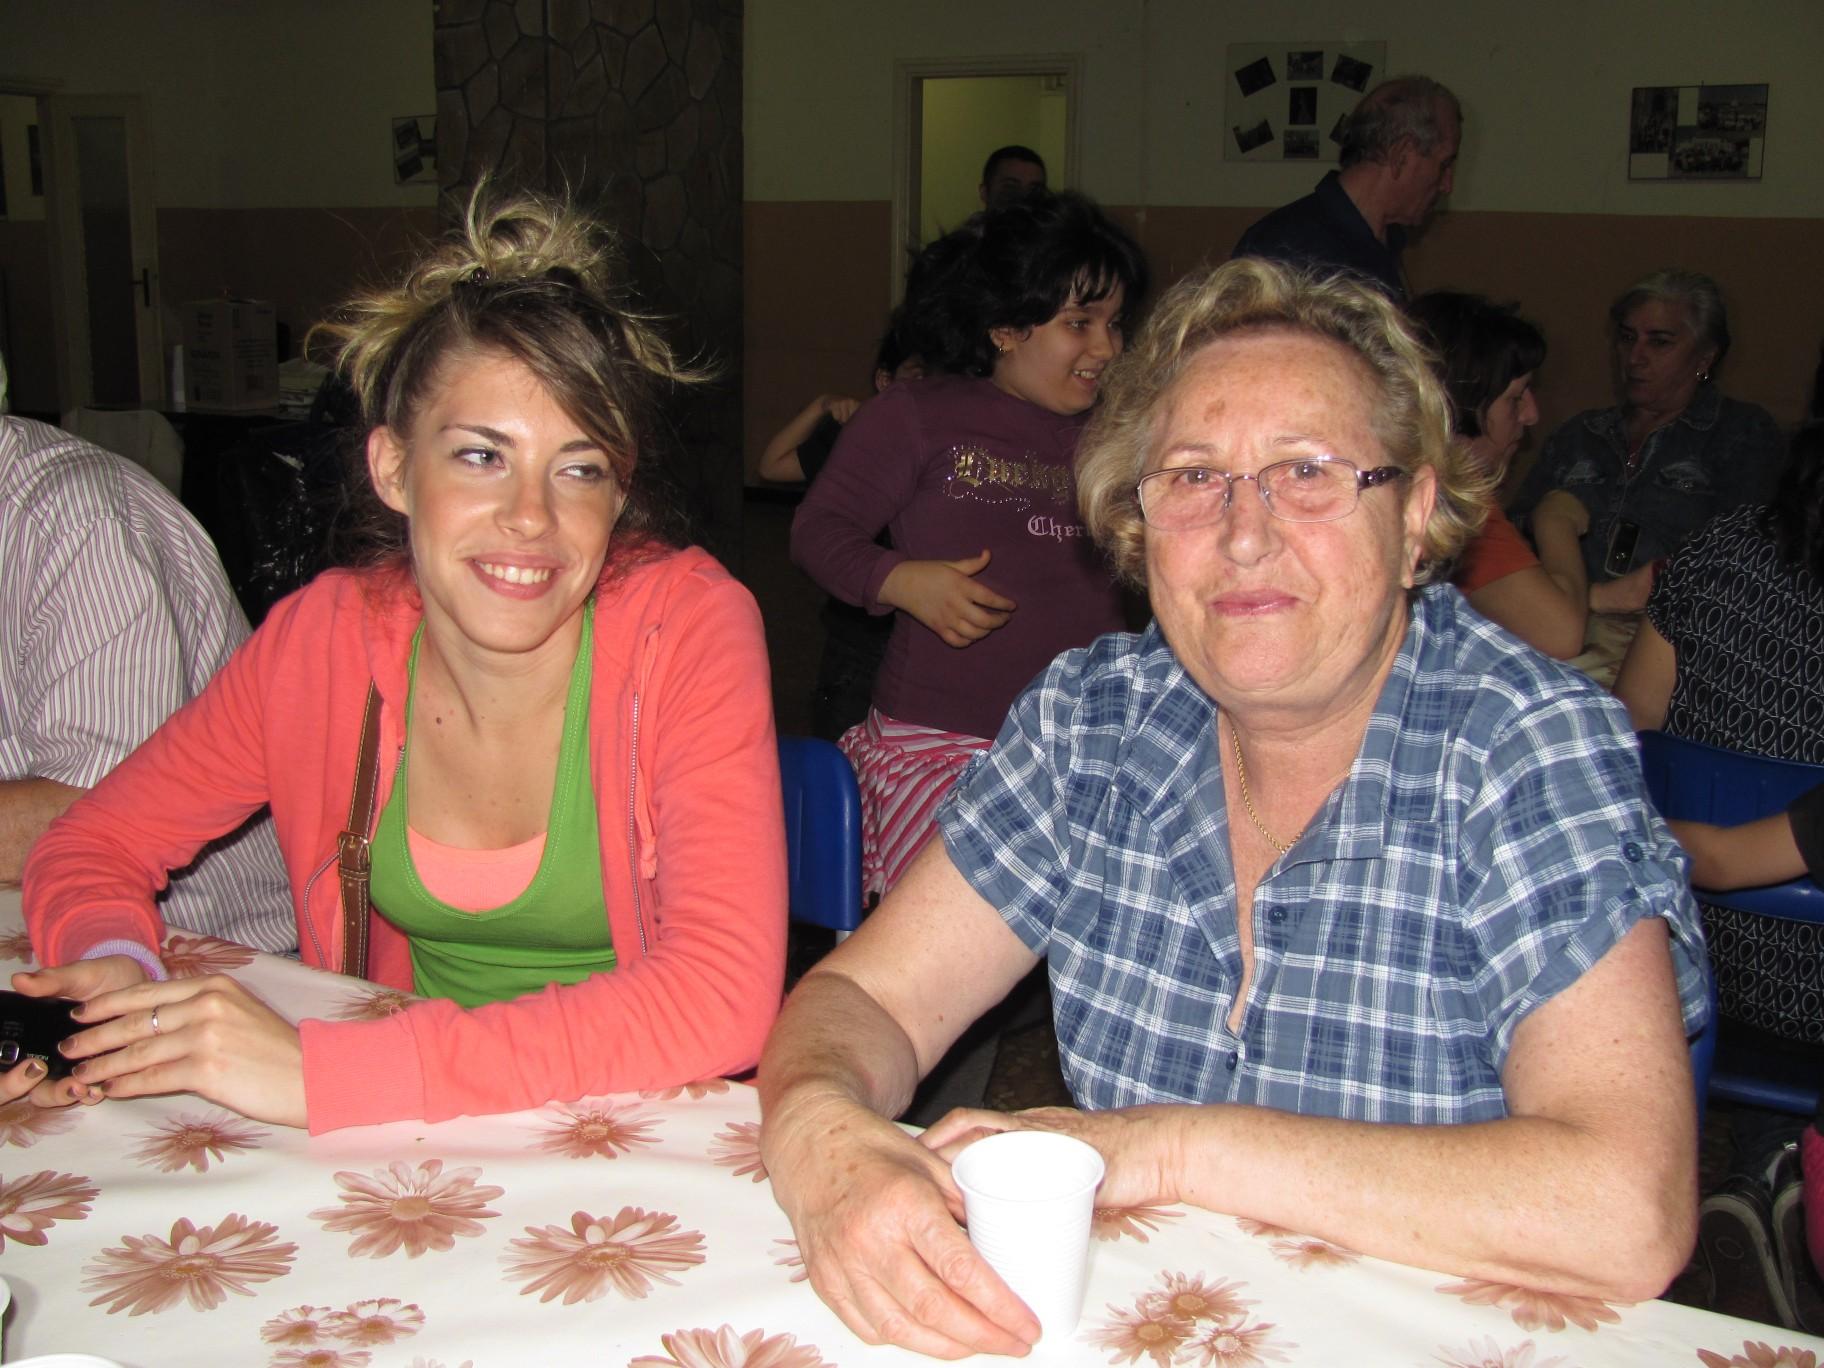 serata_catechiste_coro-2011-06-01-21-32-46